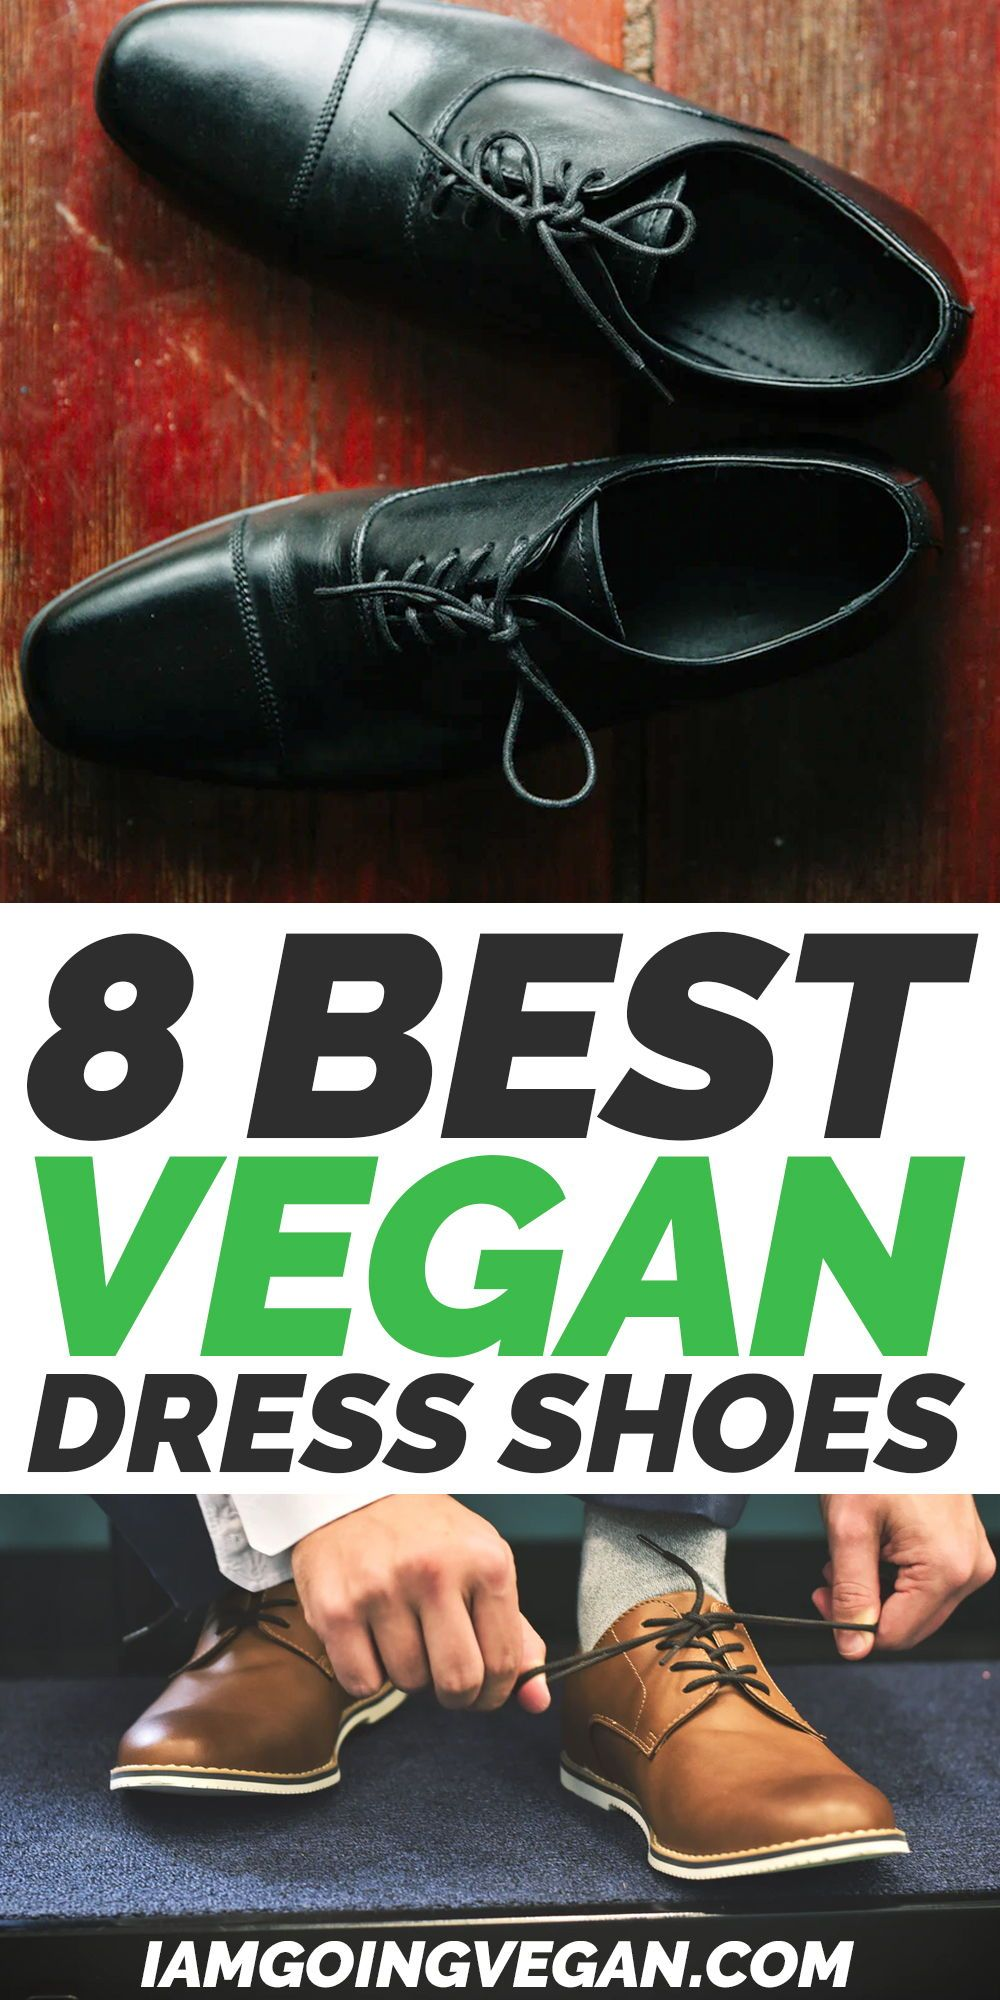 best vegan dress shoes